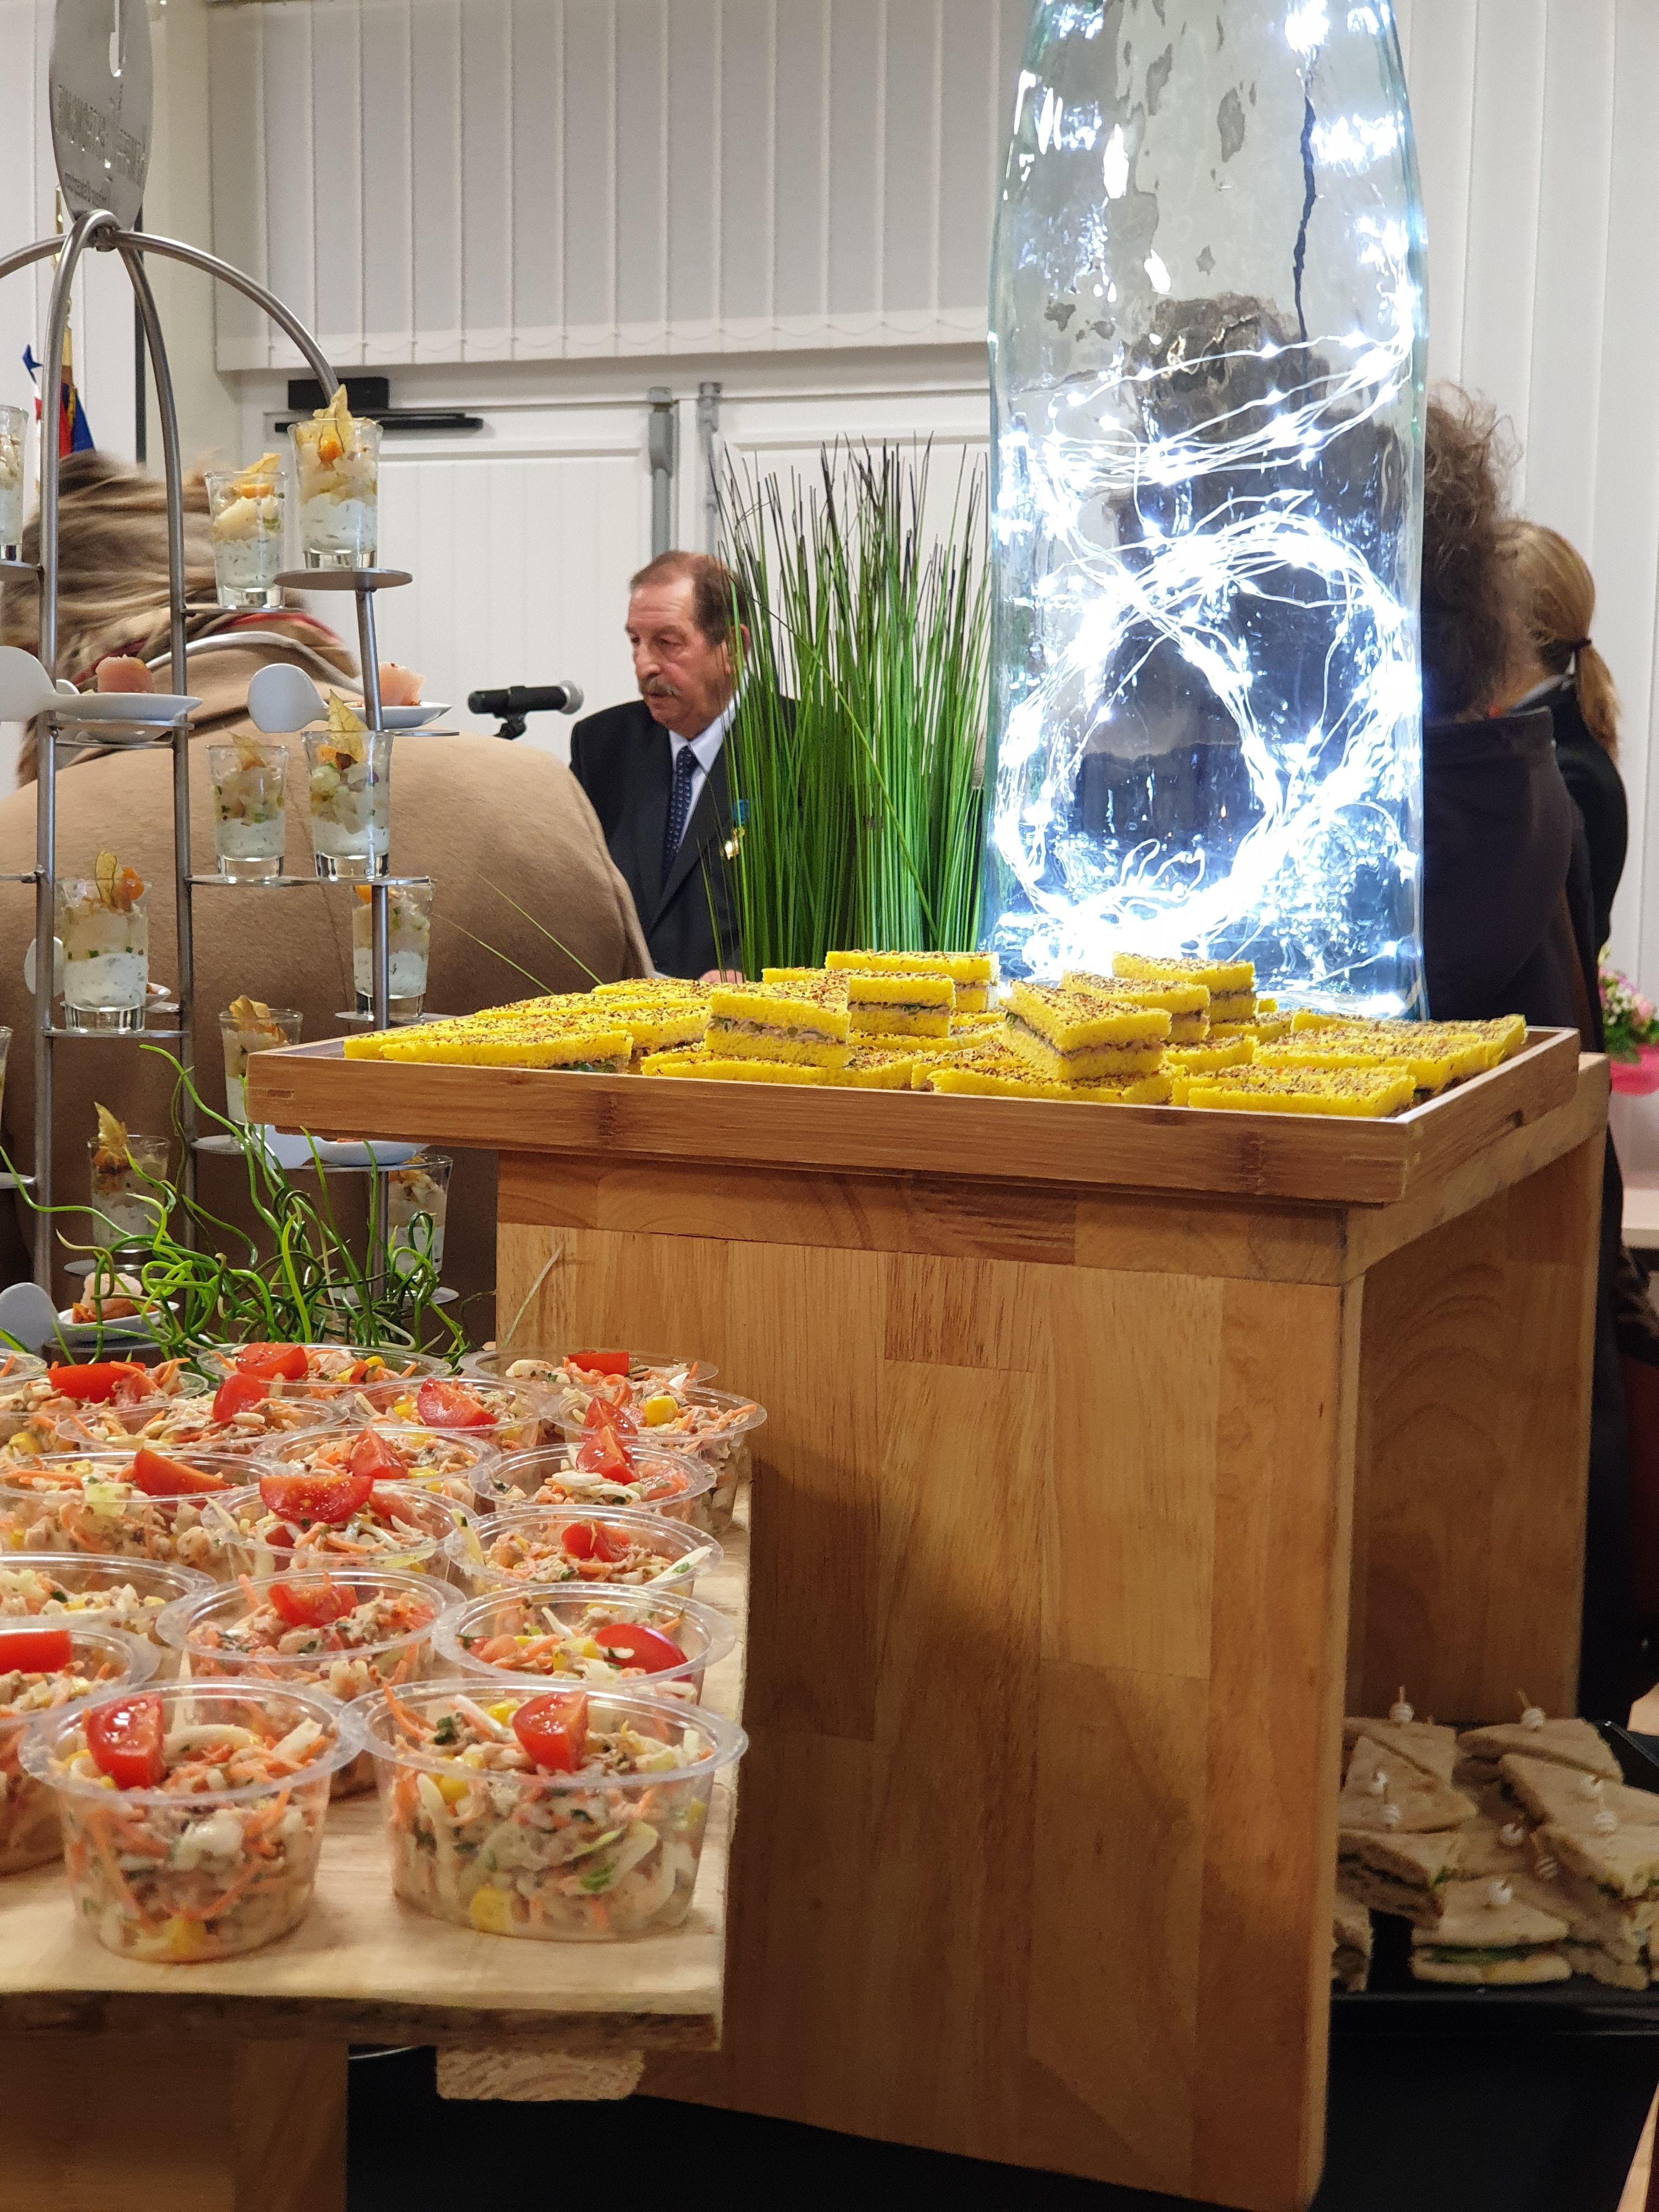 Kemper Gastronomie Traiteur De Receptions En Bretagne Traiteur Gastronomie Reception